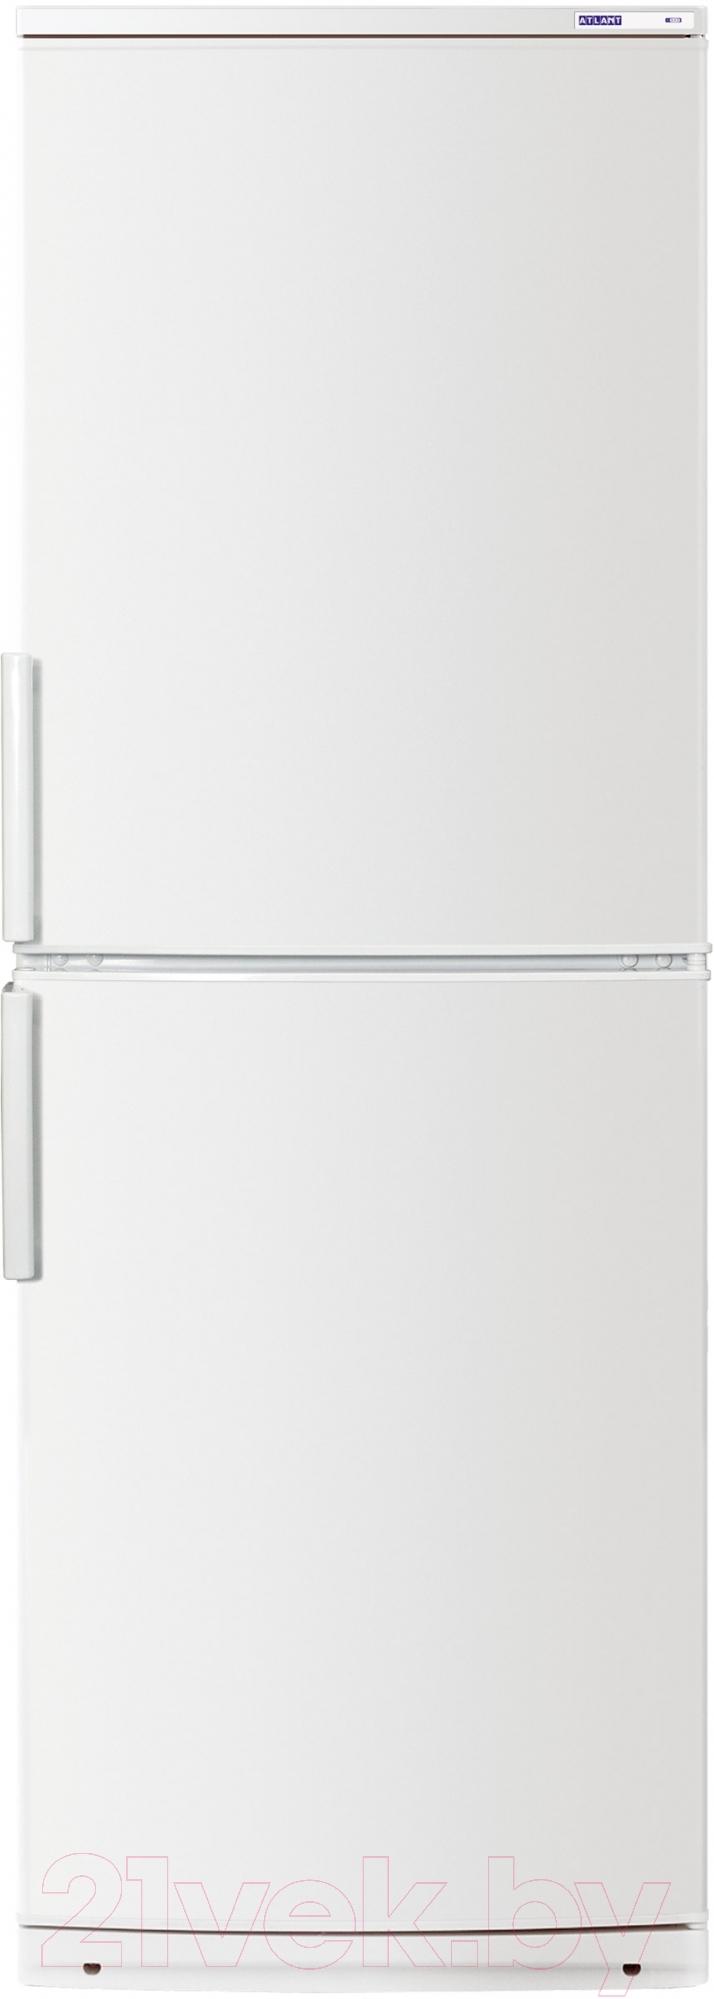 Купить Холодильник с морозильником ATLANT, ХМ 4023-000, Беларусь